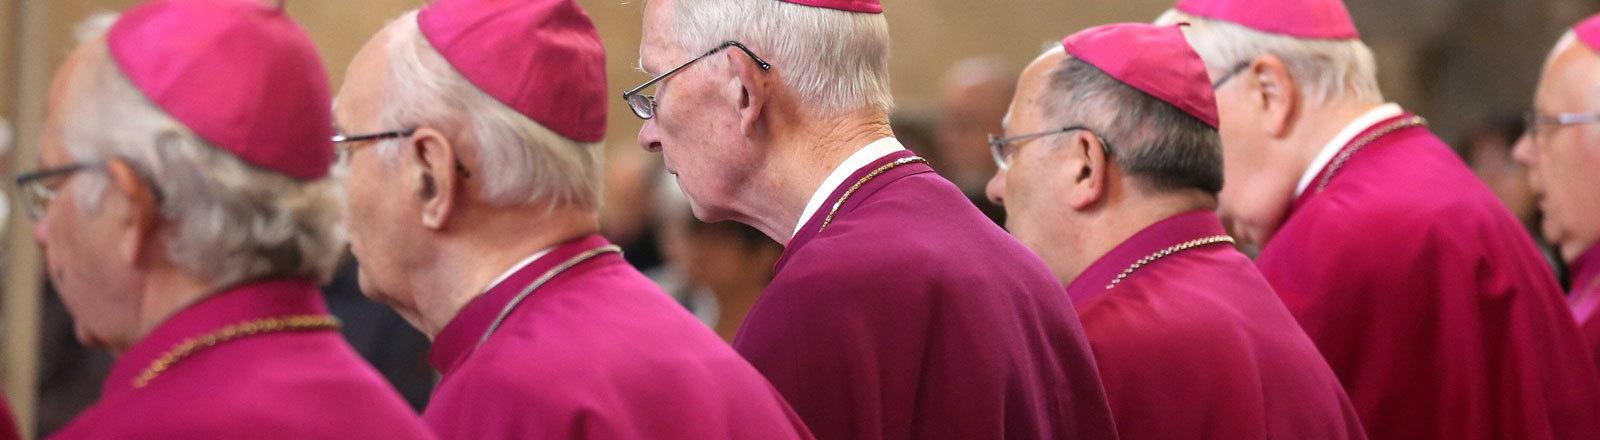 Bischöfe der katholischen Kirche